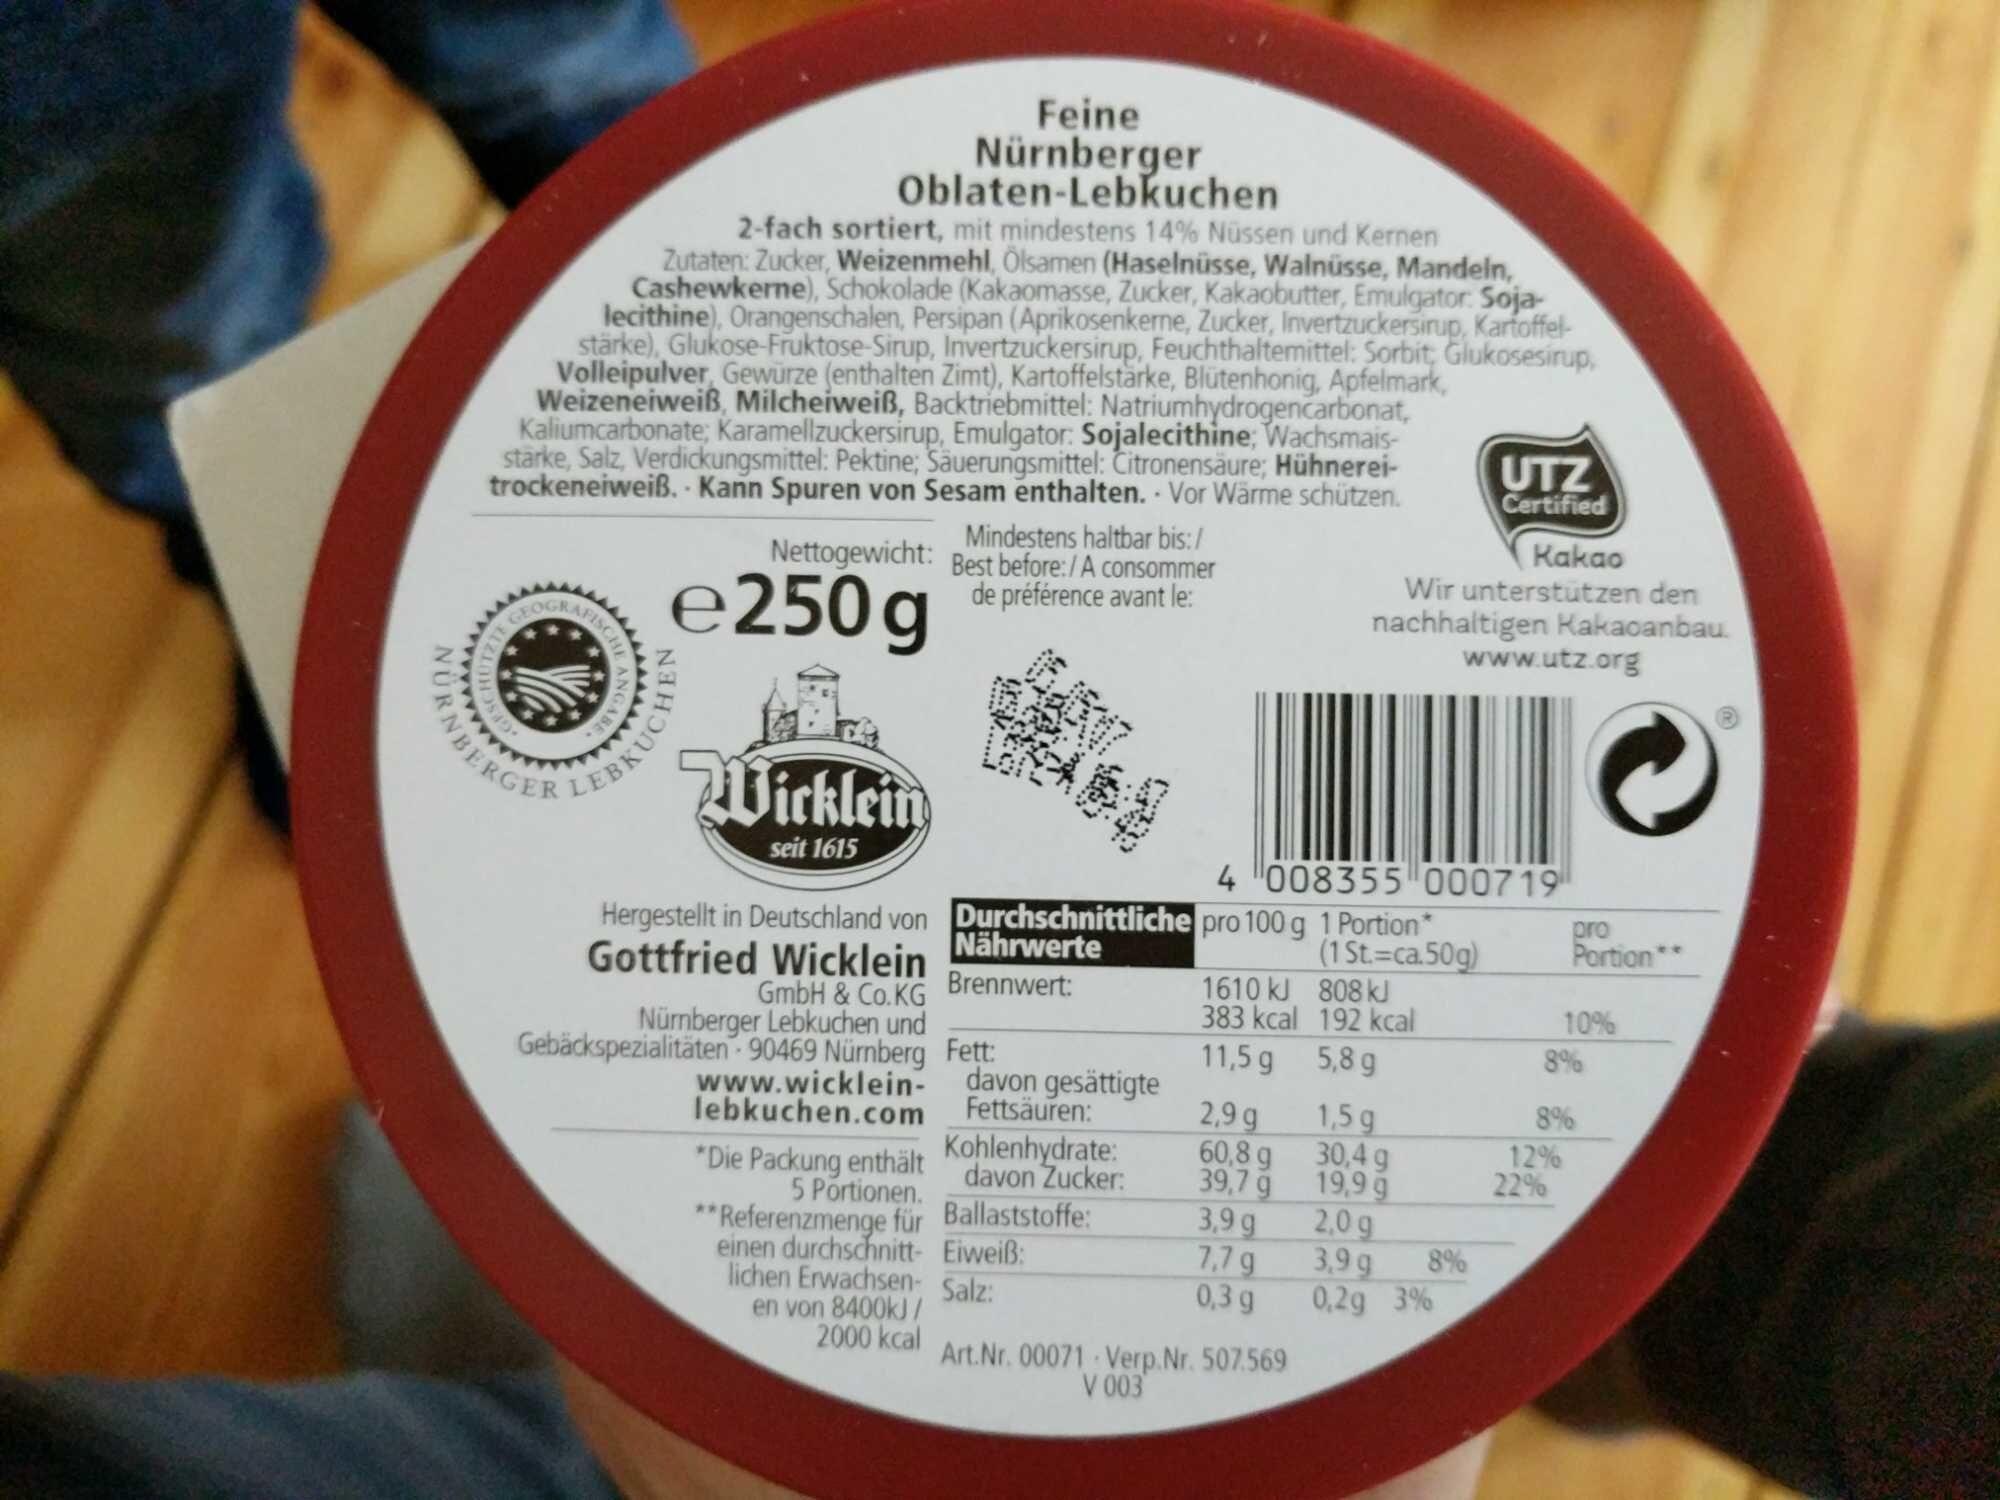 Feine Nürnberger Oblaten-Lebkuchen - Product